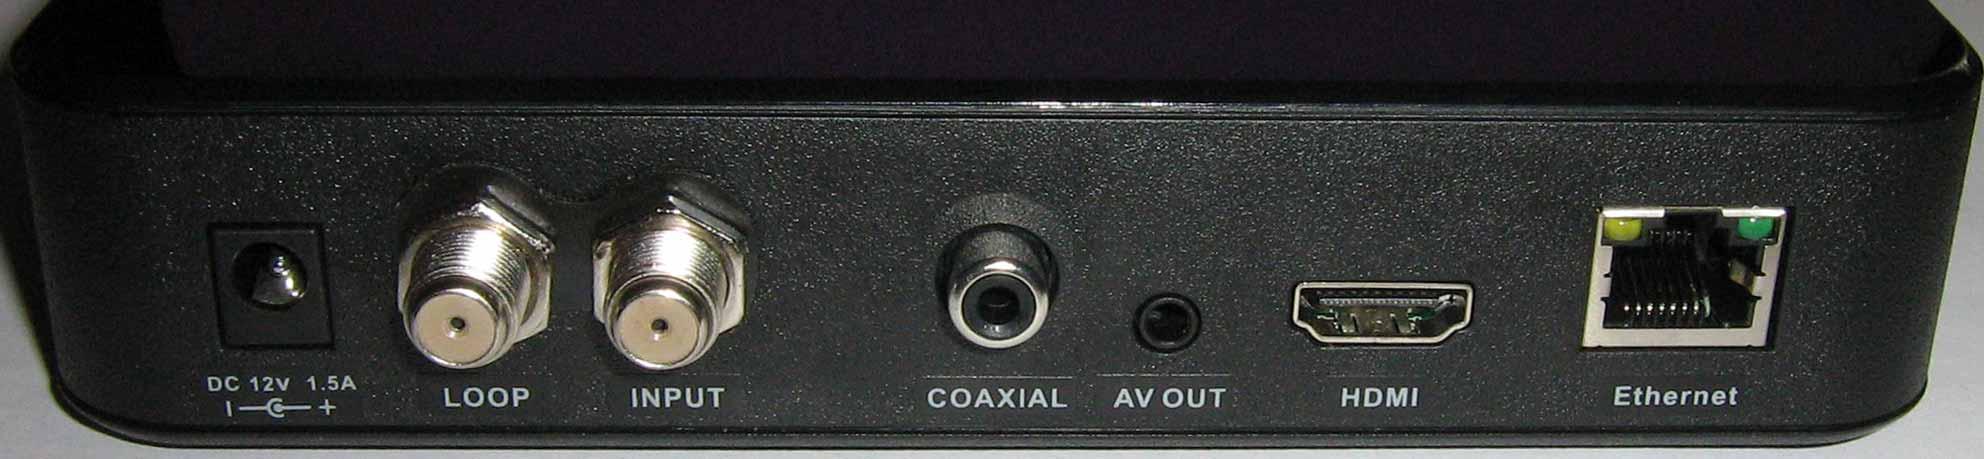 Openbox S2 Mini HD все разъемы на задней стороне